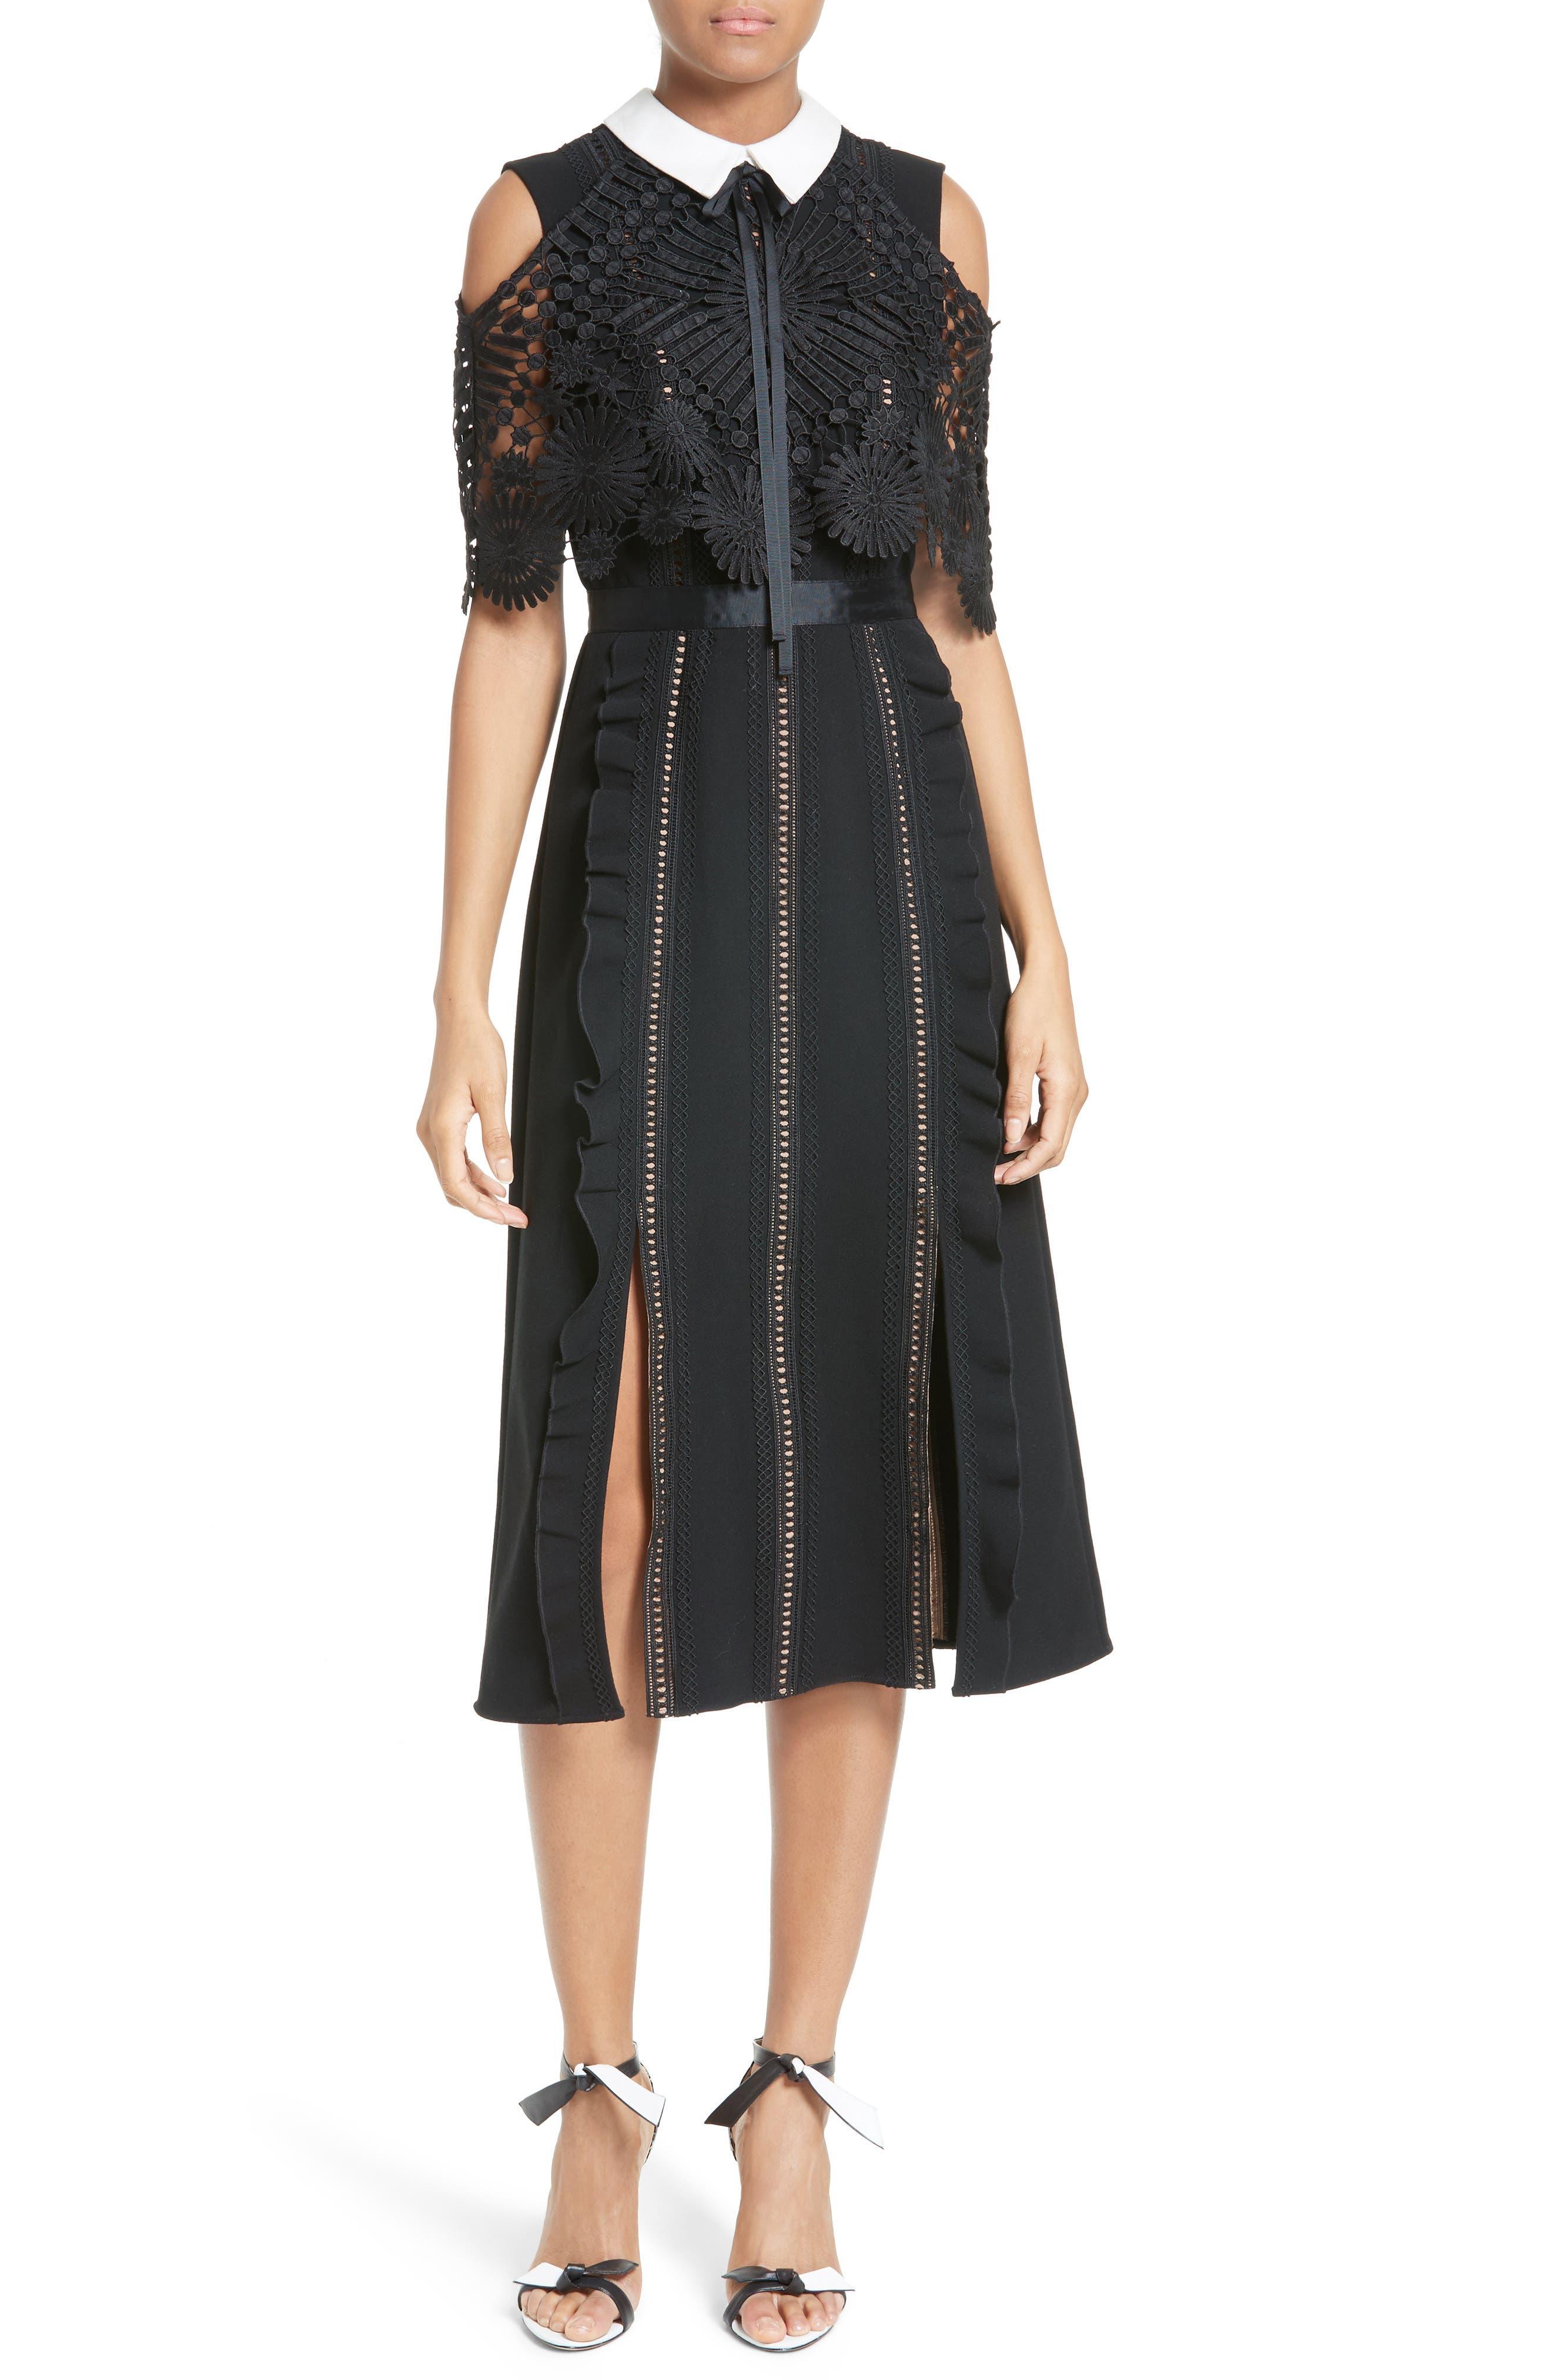 Alternate Image 1 Selected - Self-Portrait Hinkley Cold Shoulder Midi Dress